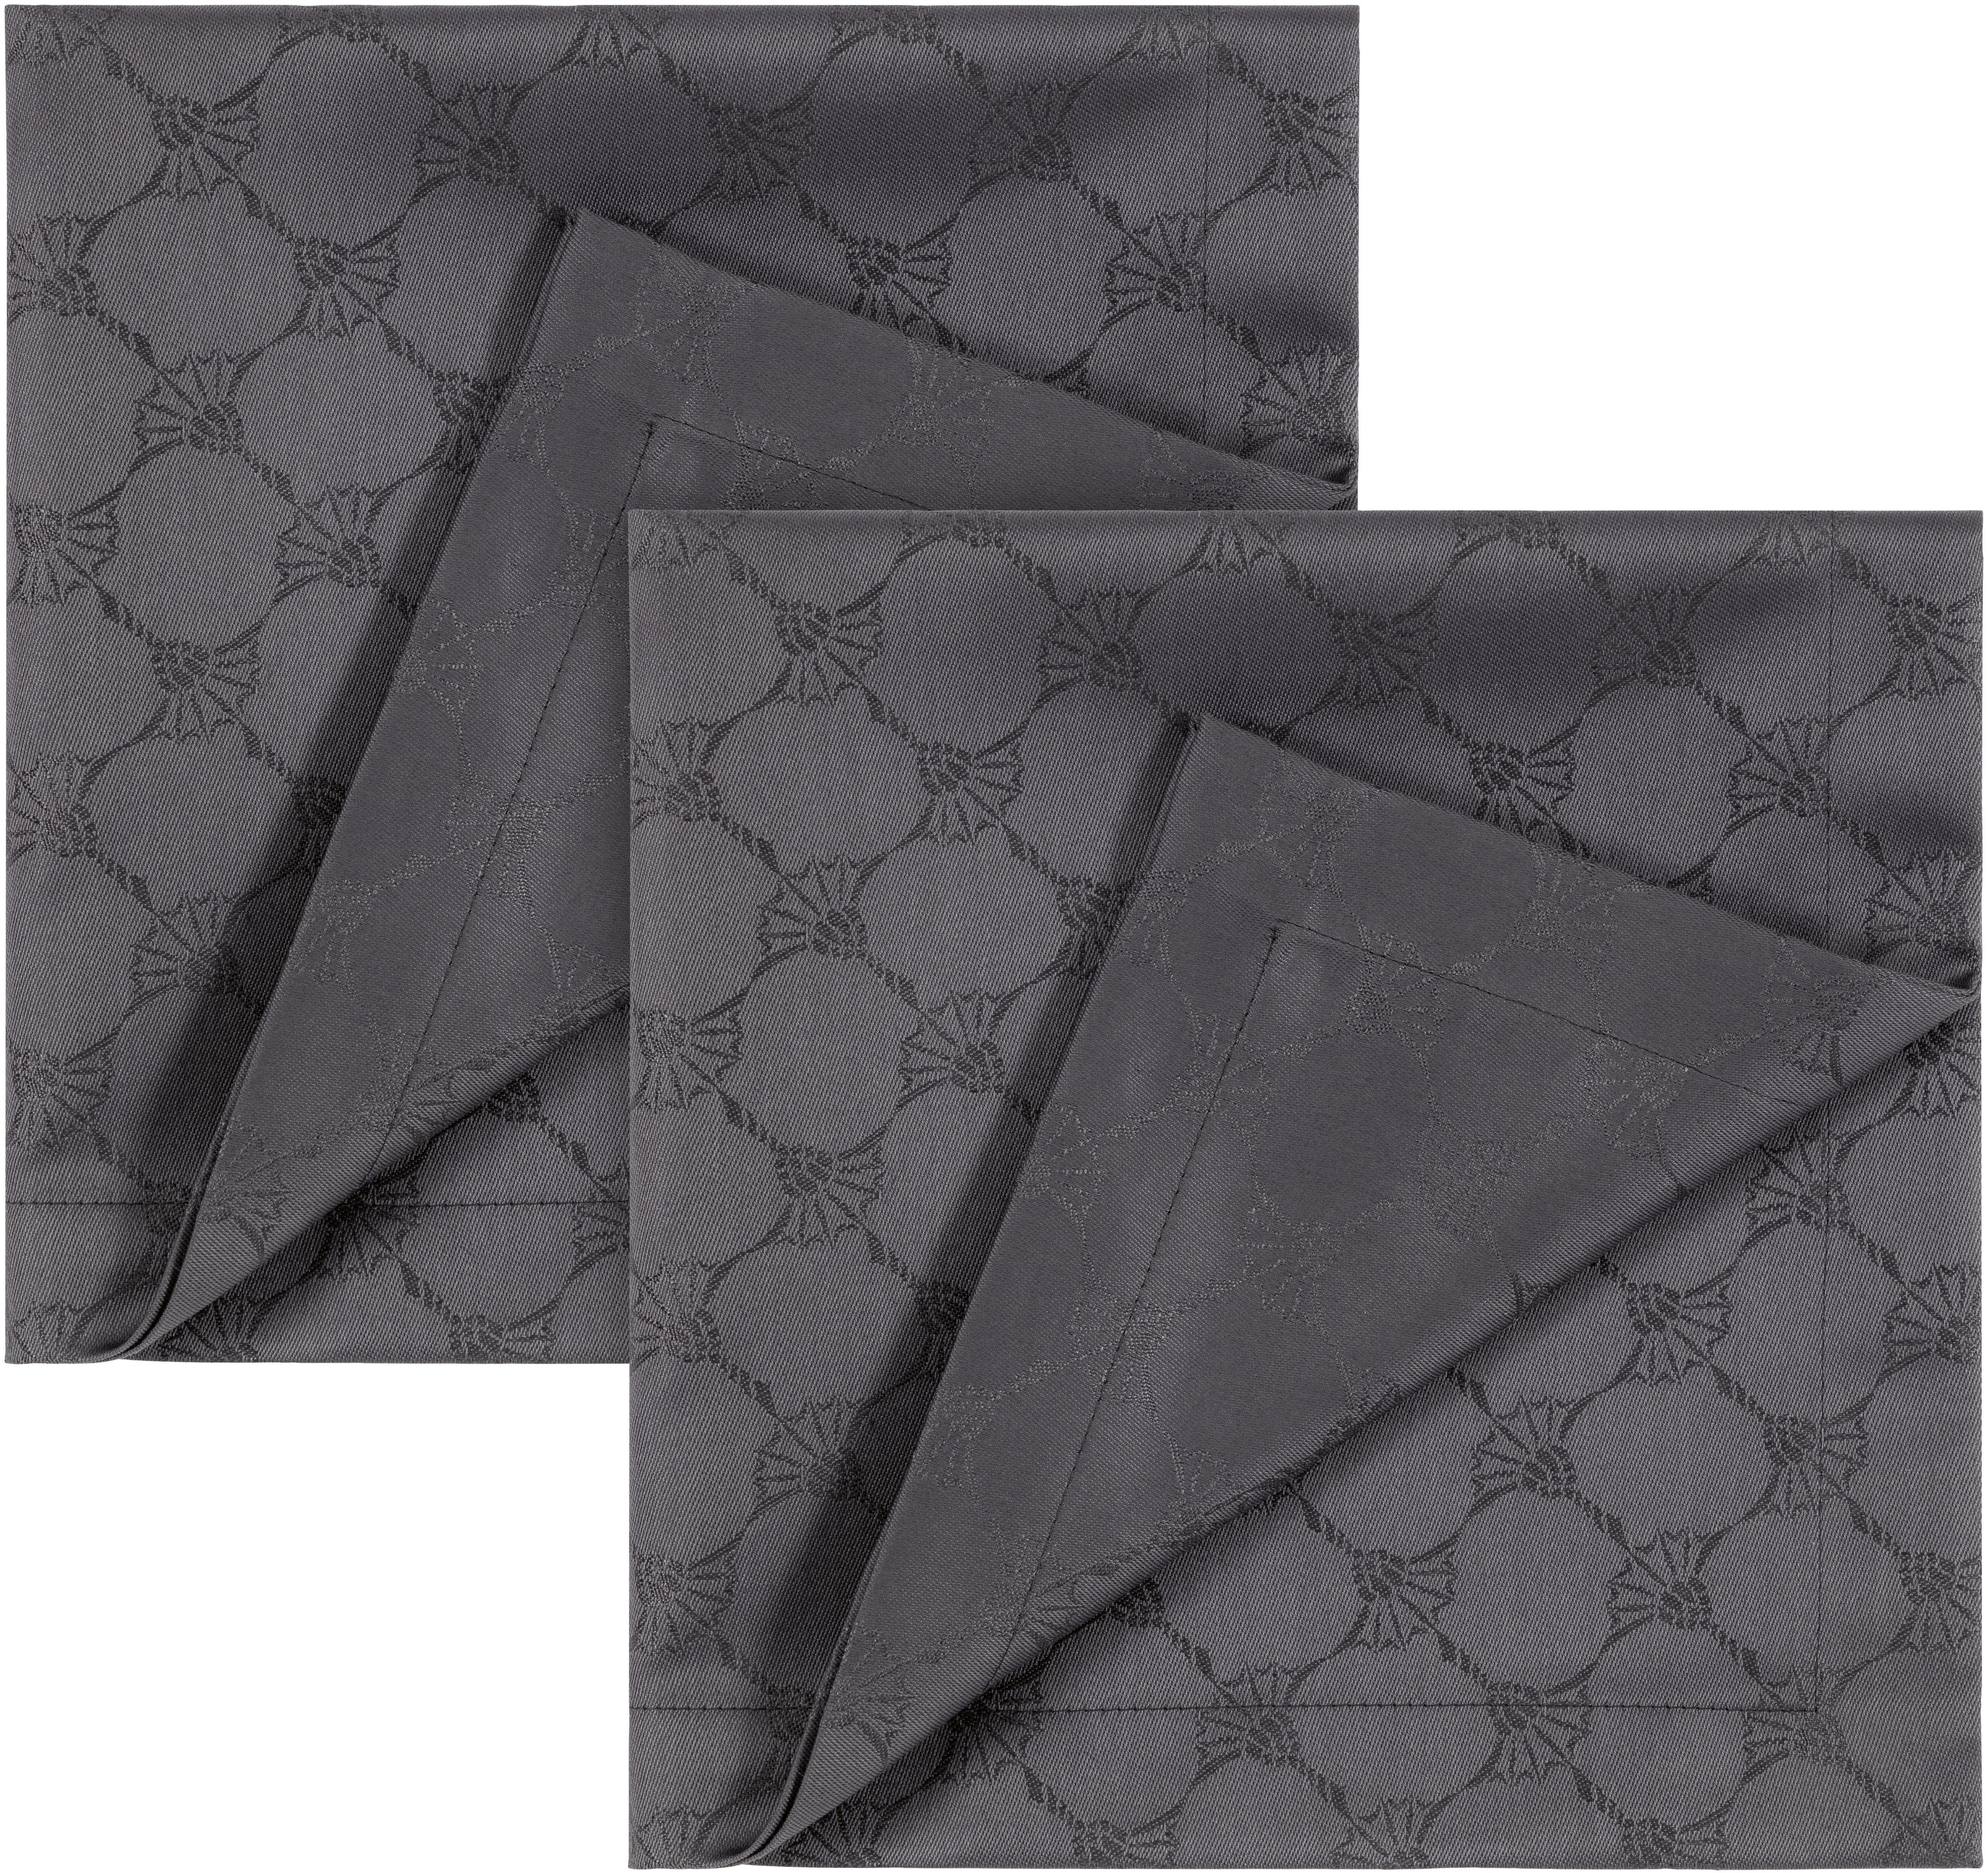 Joop! Joop Stoffserviette CORNFLOWER ALLOVER, (Set, 2 St.), Aus Jacquard-Gewebe gerfertigt mit Kornblumen-Allover-Muster grau Stoffservietten Tischwäsche